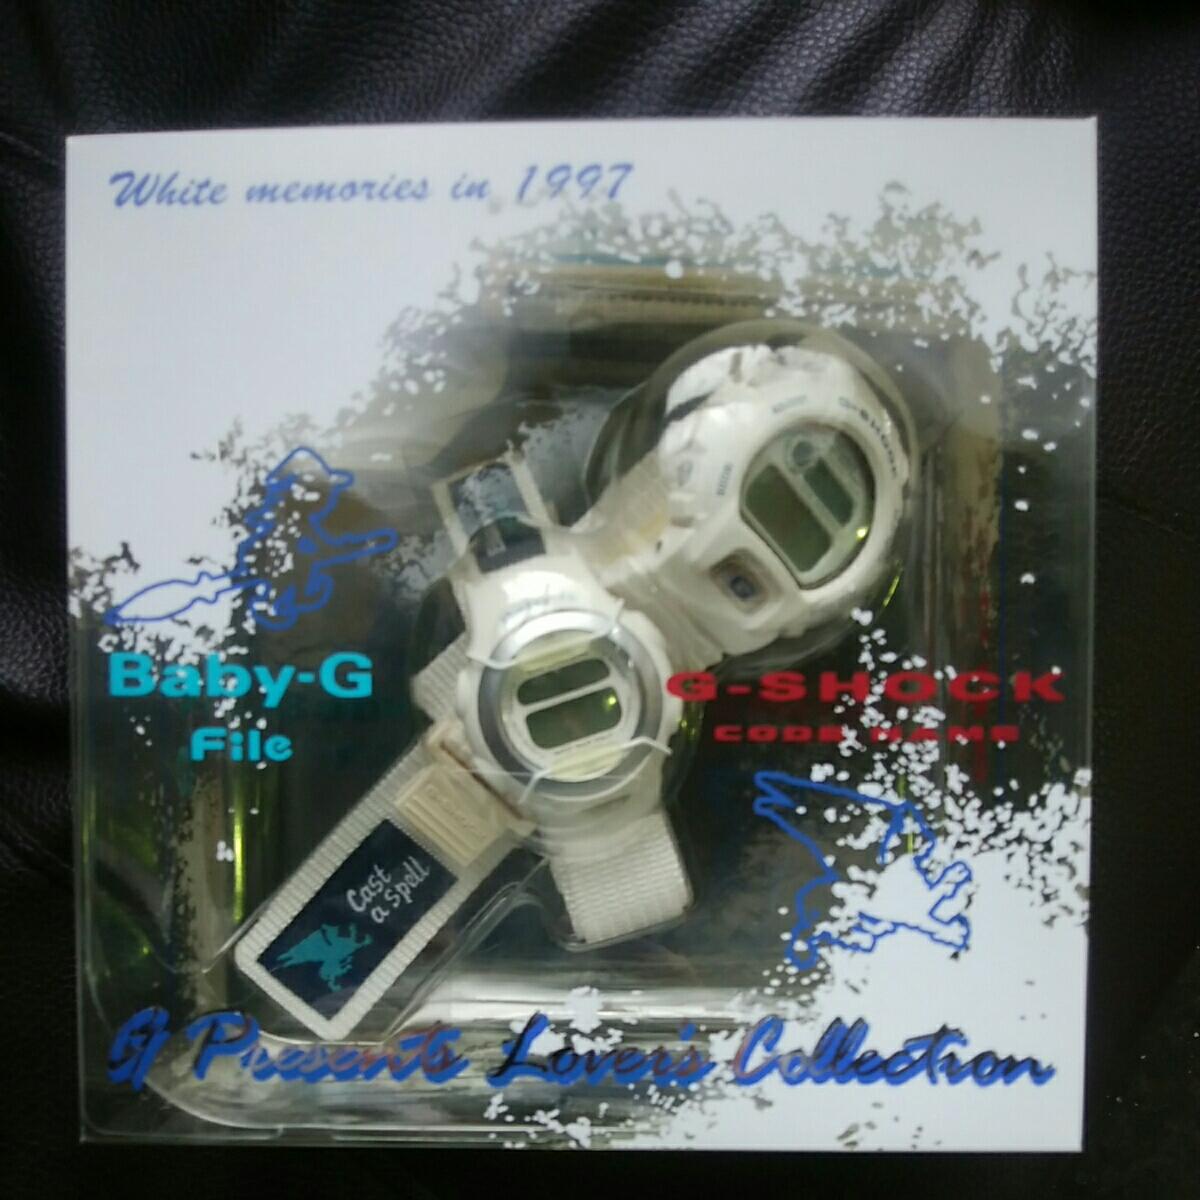 新品未使用 G-SHOCK Gショック LOV97 ラバーズ コレクション 1997年 ラバコレ魔女とドラゴン Lovers Collection ホワイト 腕時計 未使用